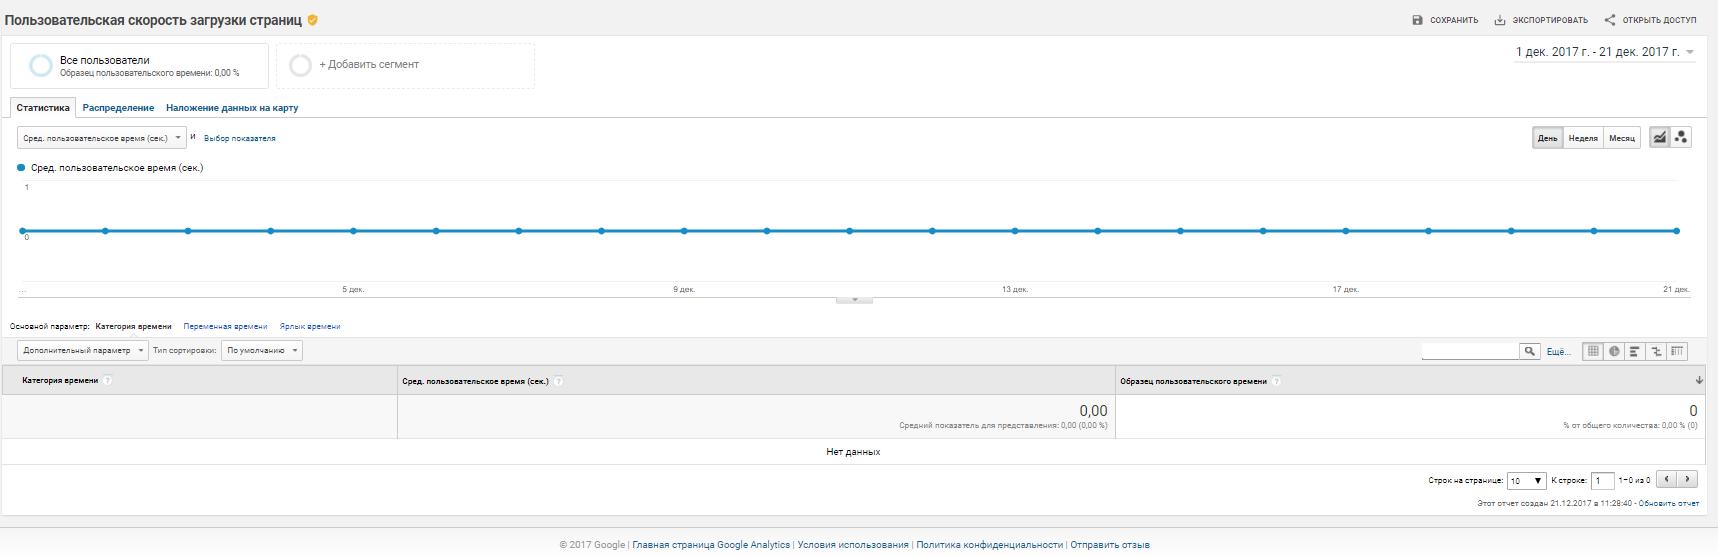 пользовательская скорость загрузки страницы